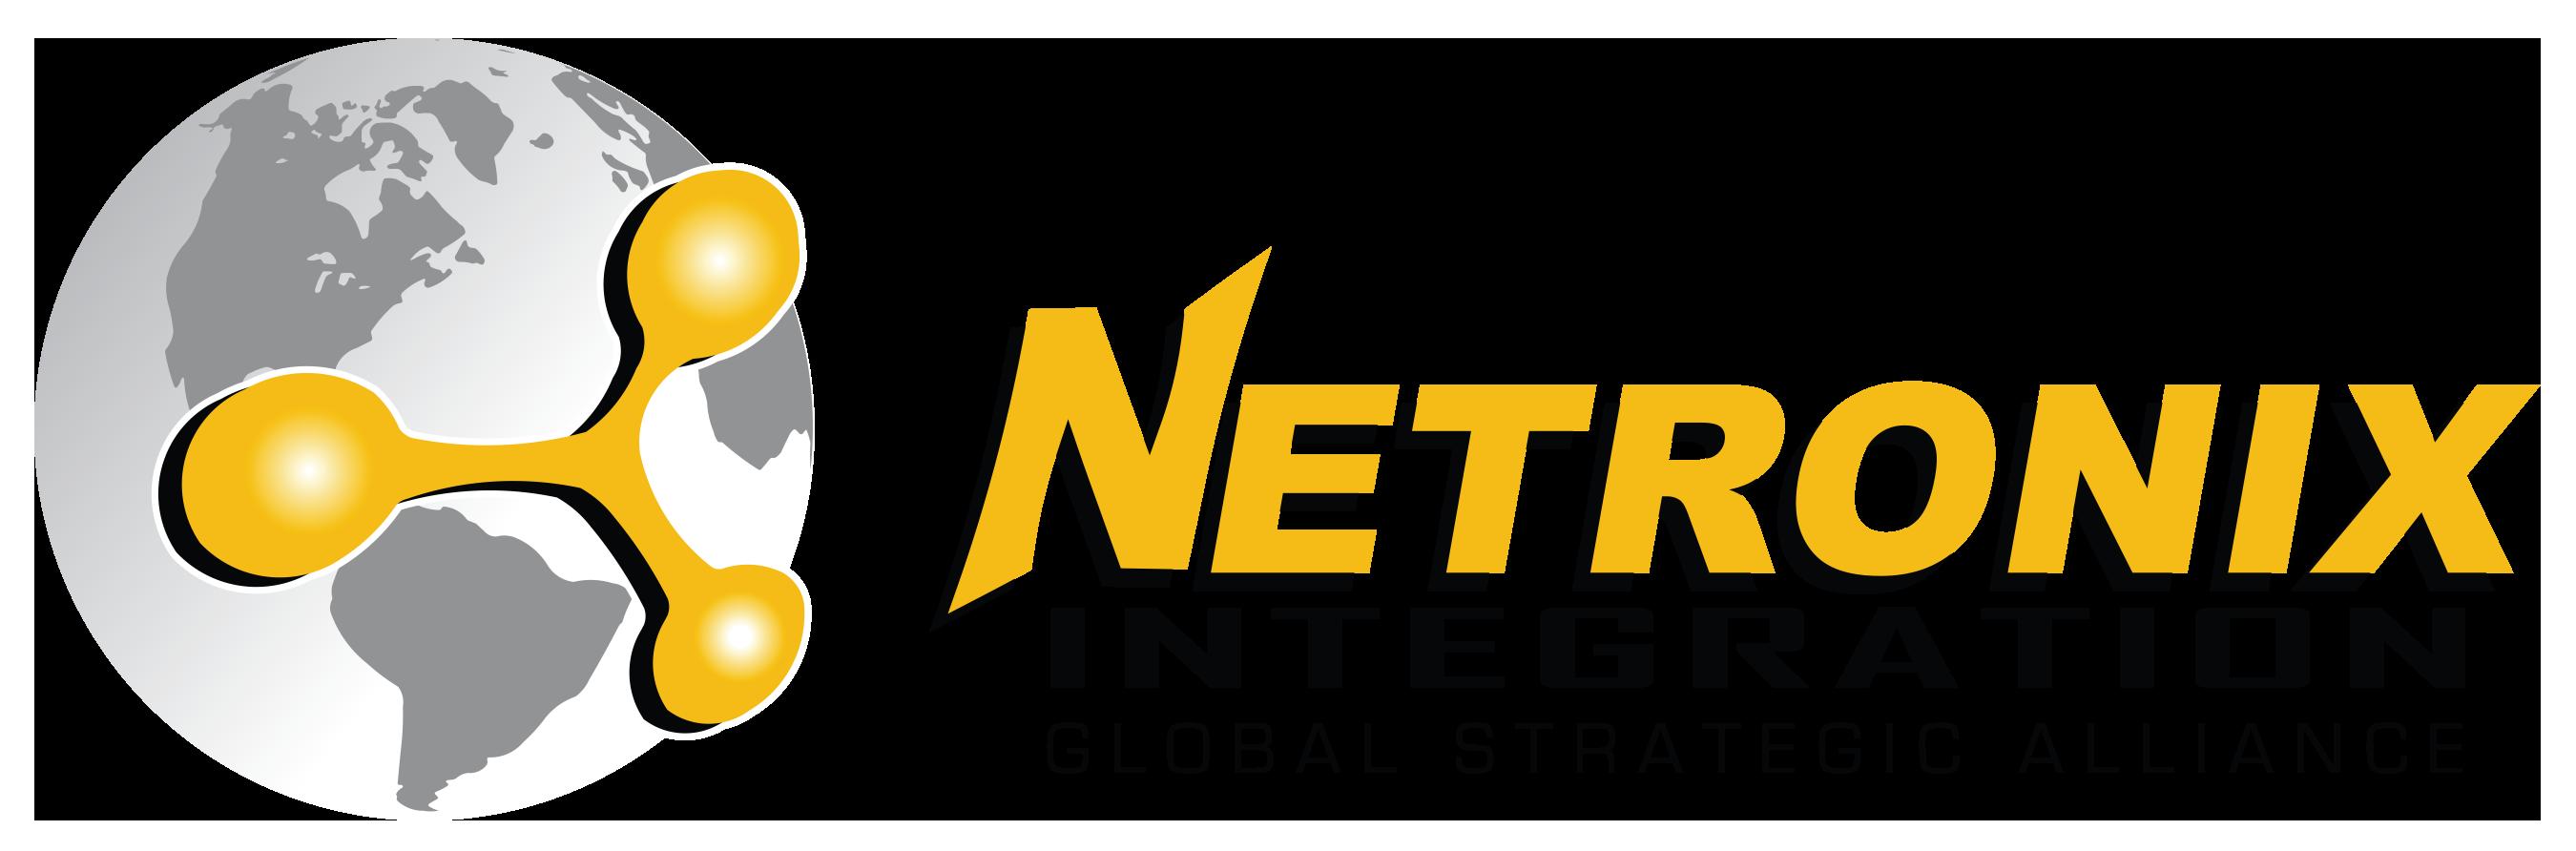 NetronixLogoGlobal_CGS